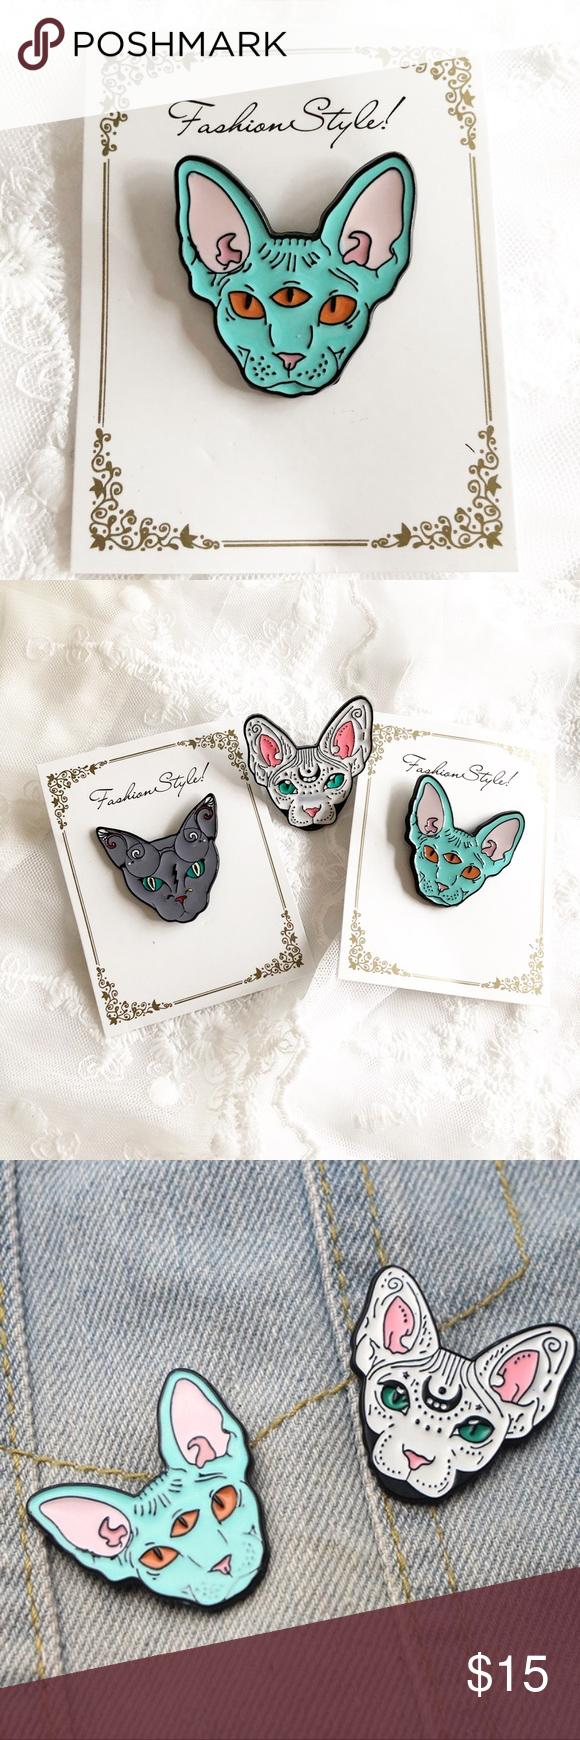 Three Eyed Sphynx Cat Lapel Pin Brooch in 2020 Lapel